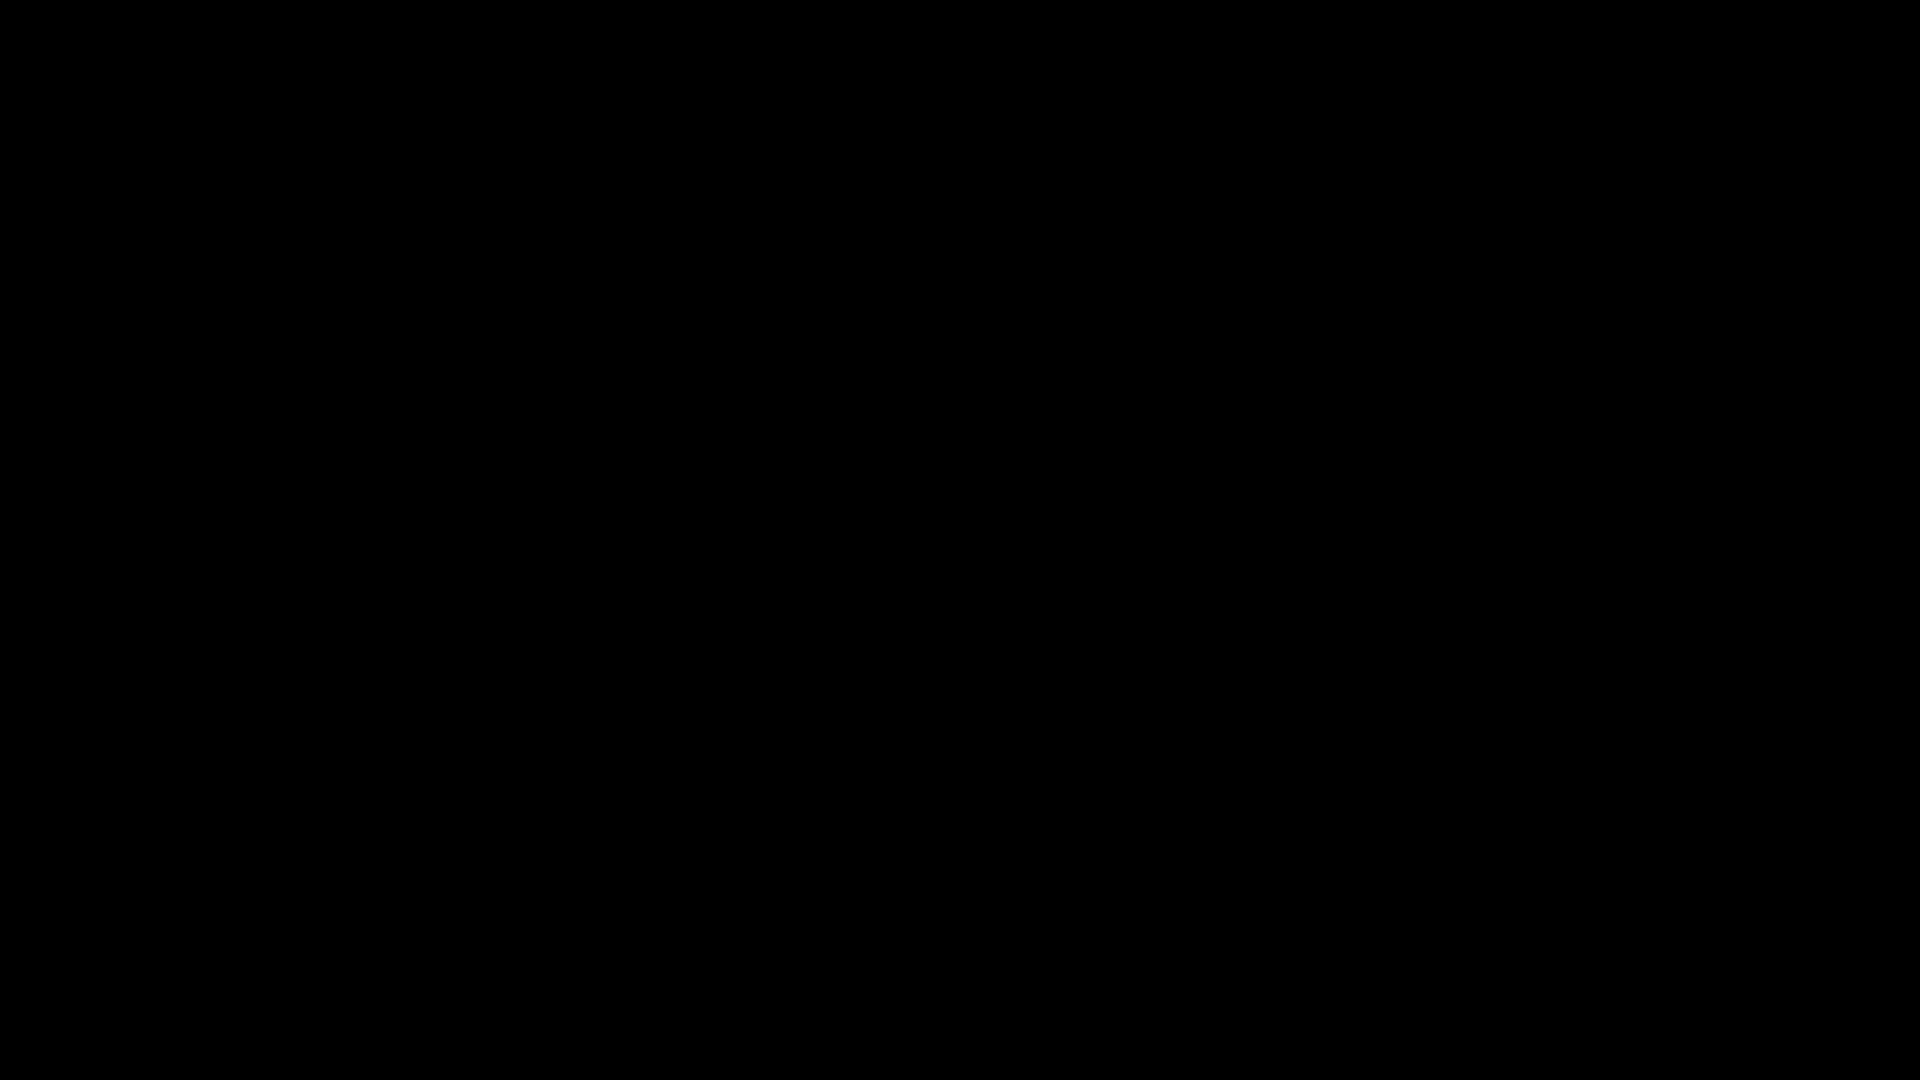 sfondo nero risparmiare batteria su android e iphone